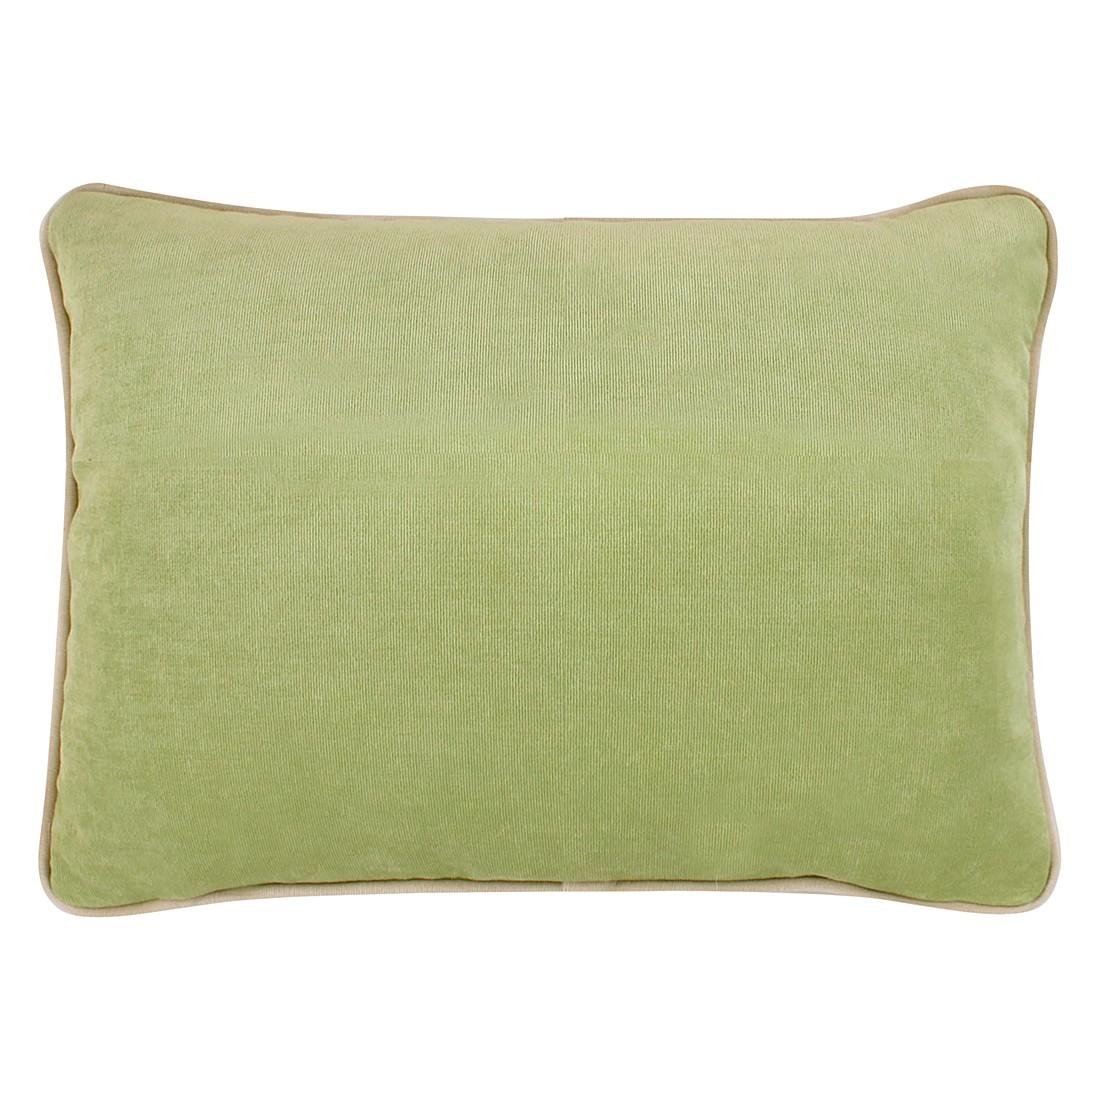 Kissen Tahiti – Grün, Apelt kaufen